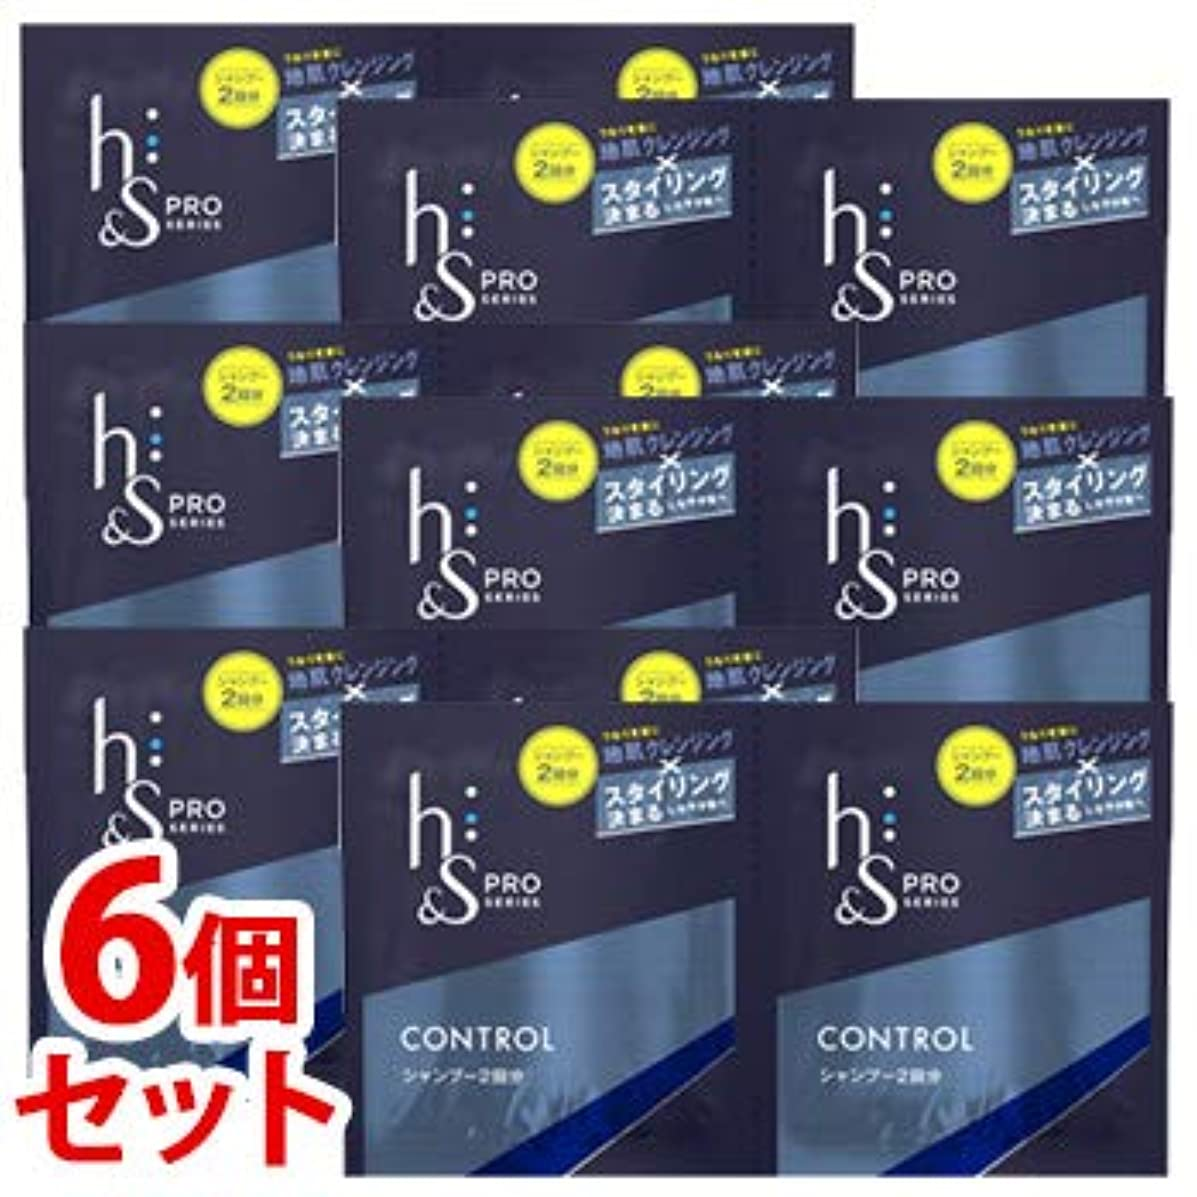 電気コードリル《セット販売》 P&G エイチアンドエス h&s フォーメン プロシリーズ コントロール シャンプー トライアルサシェ 2回分 (12mL×2個)×6個セット 【医薬部外品】